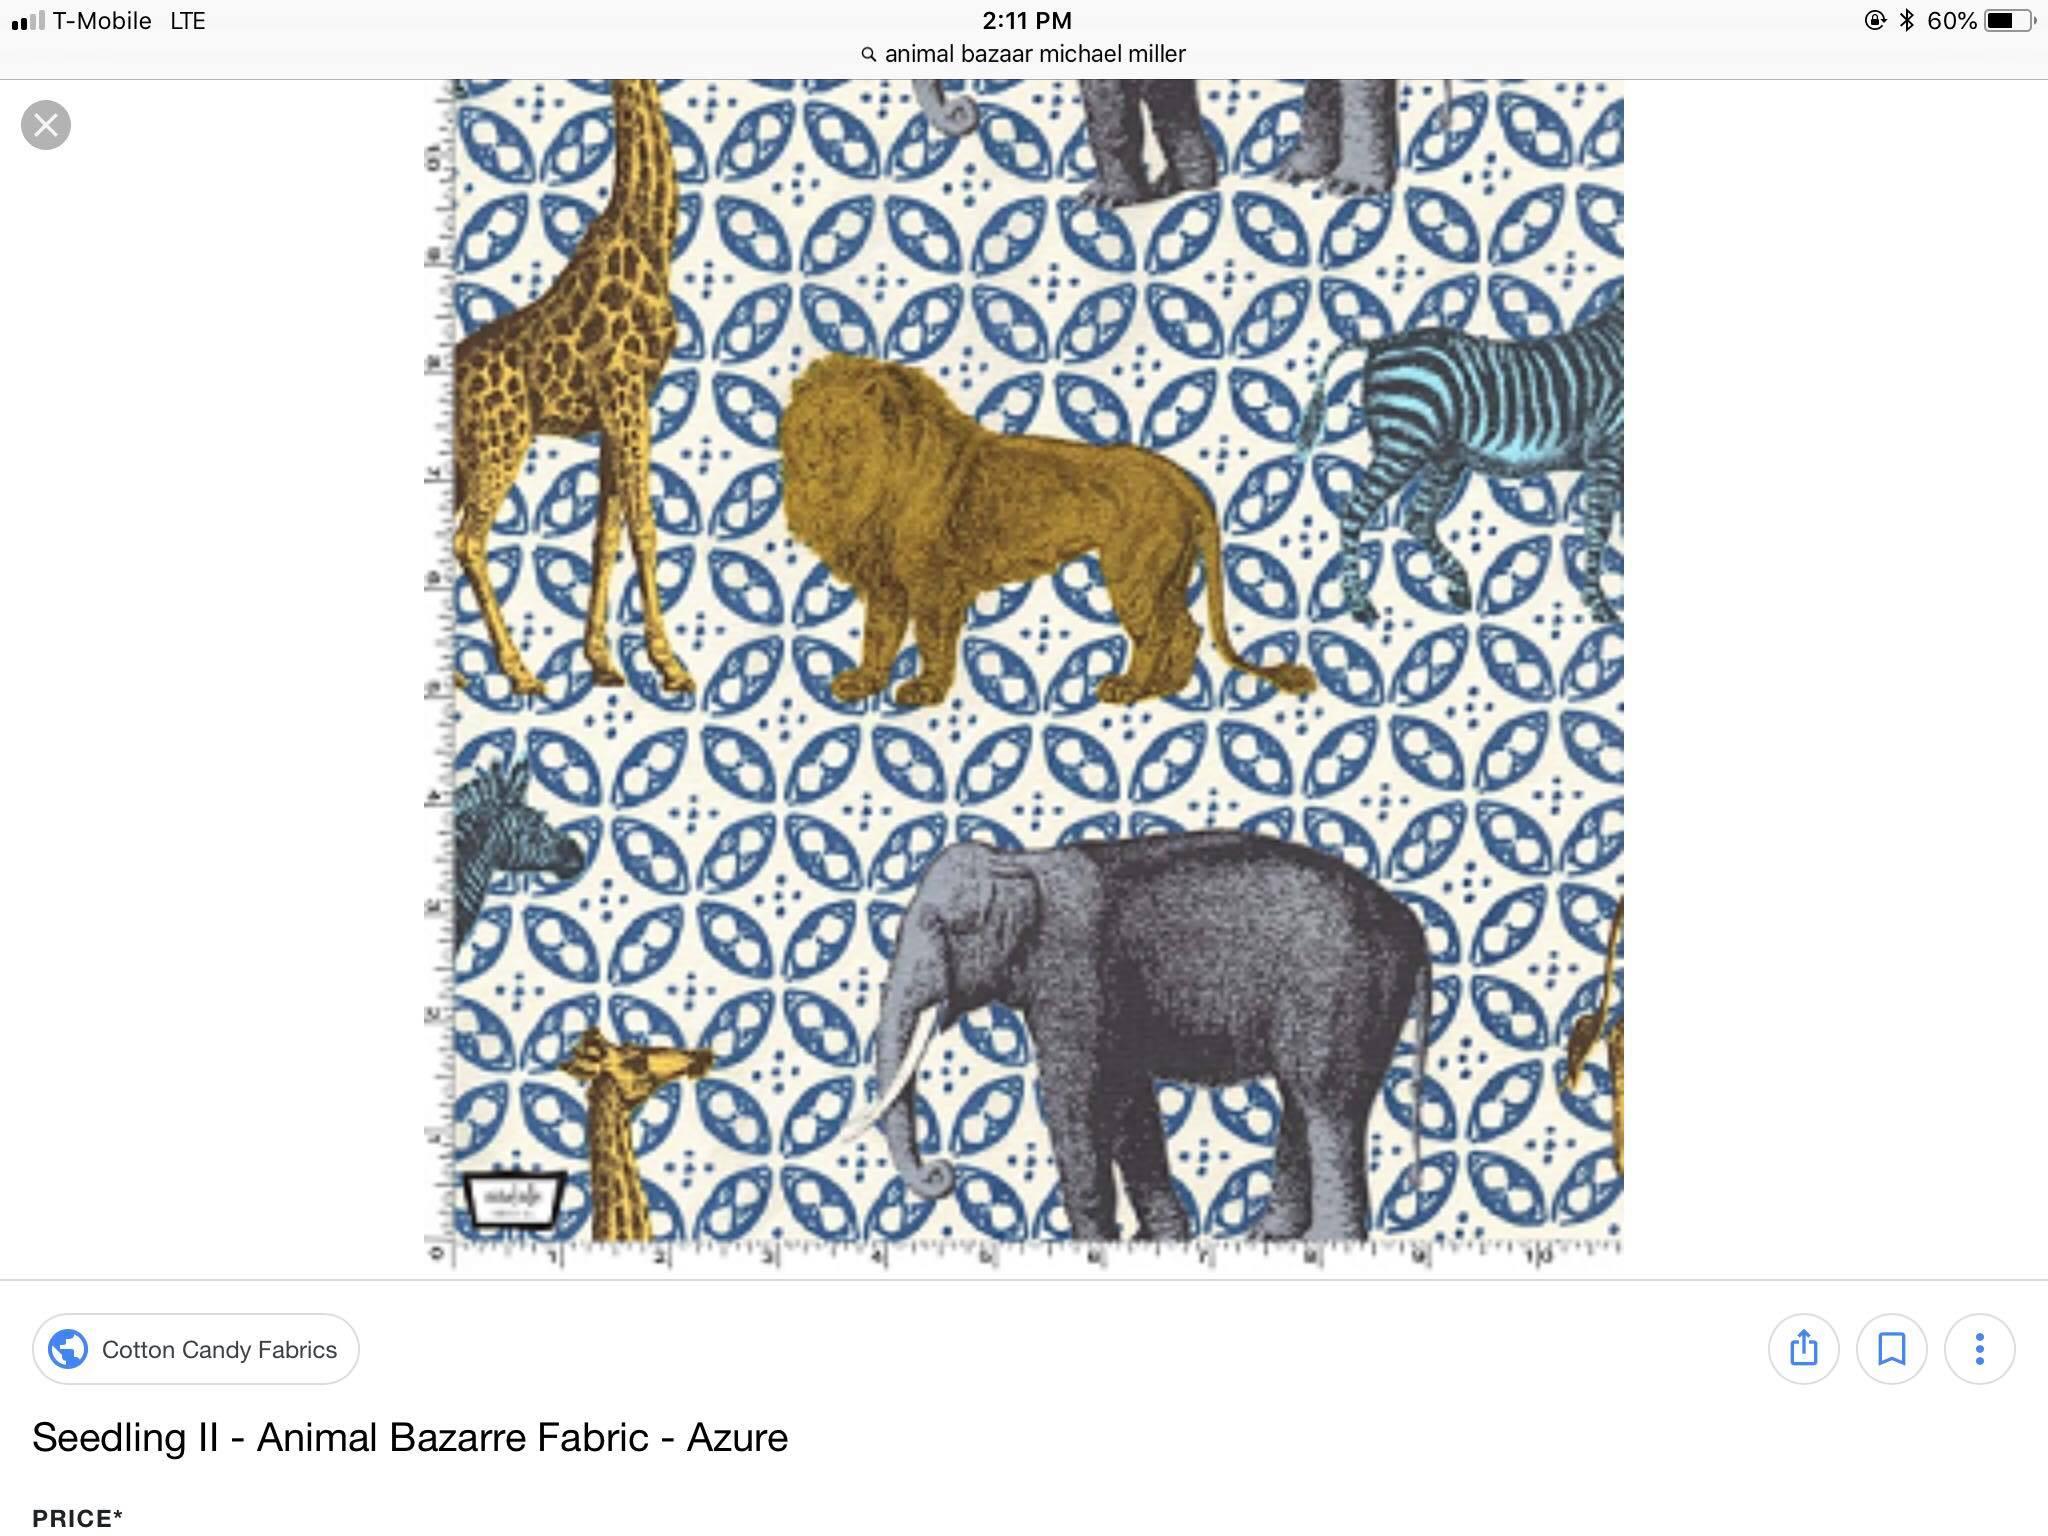 SEEDLING II Animal Bazarre Azure